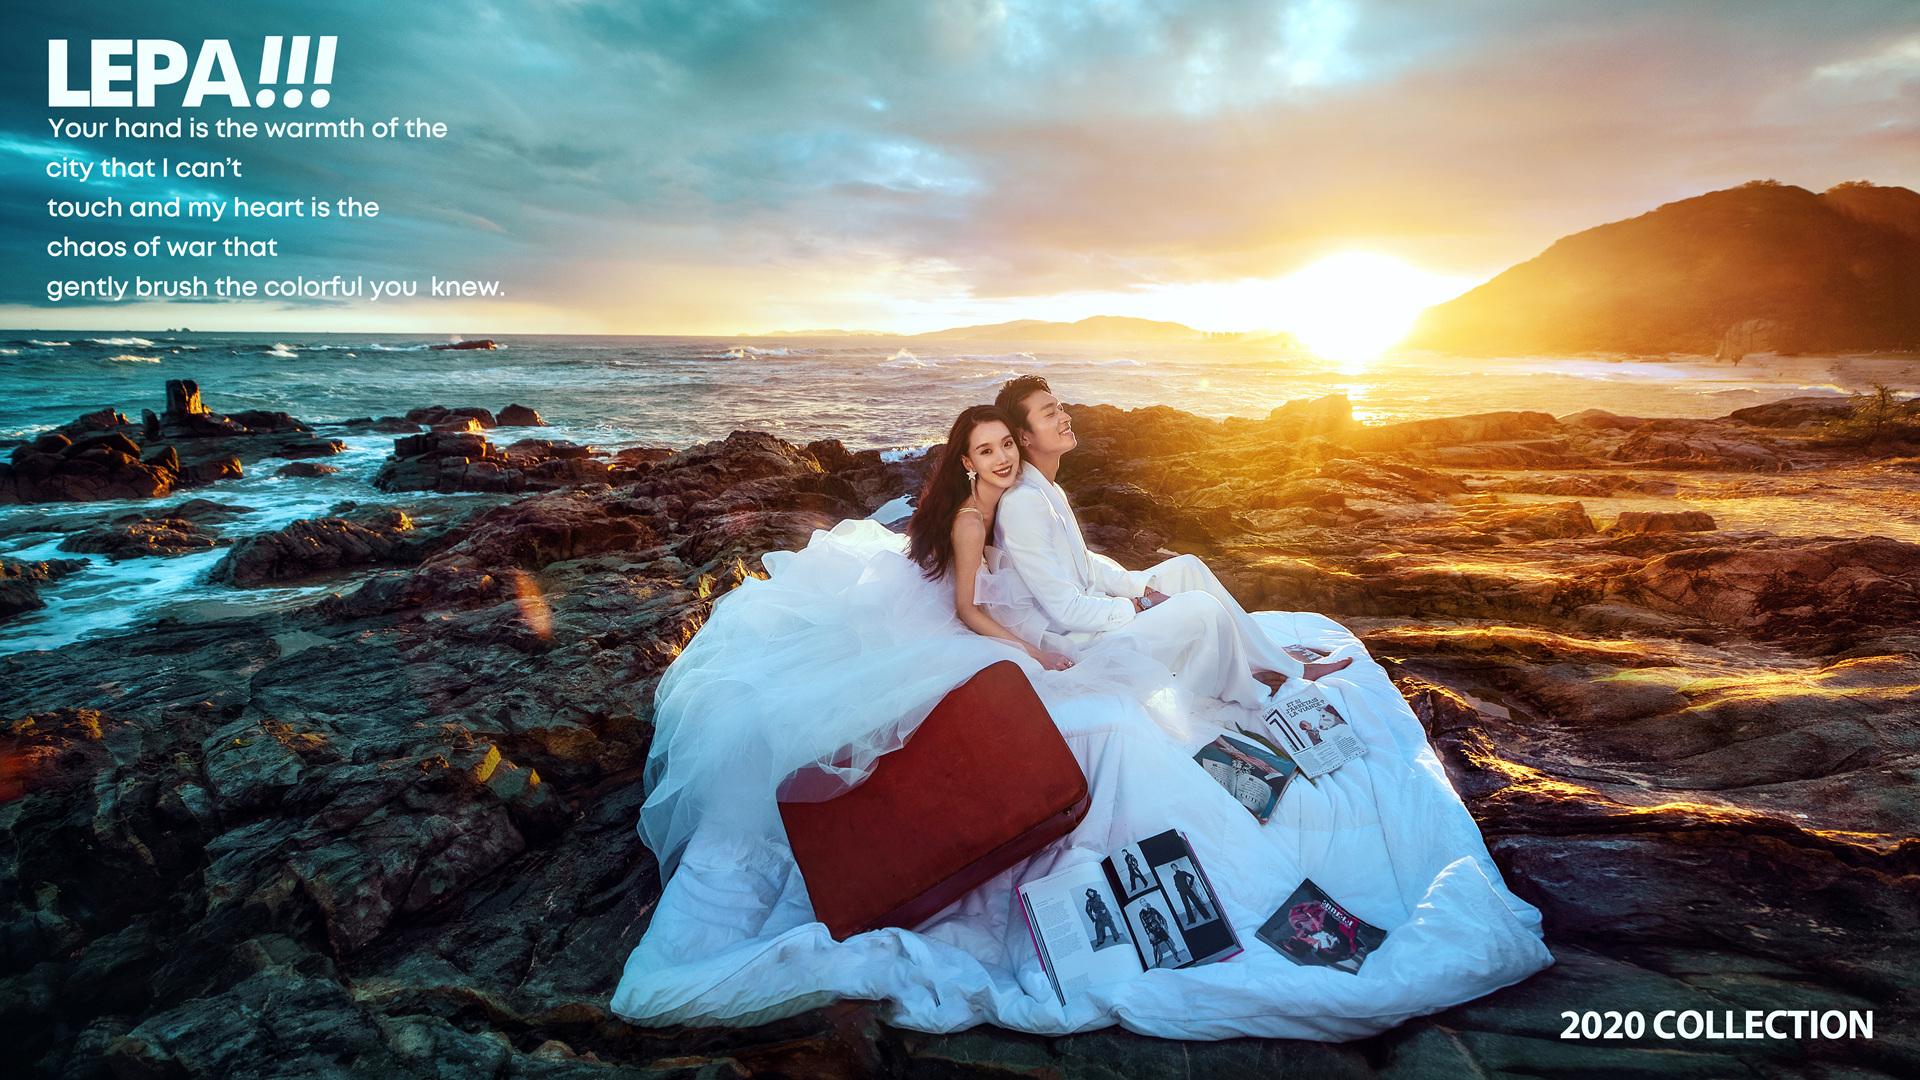 厦门婚纱摄影3000有没有隐形消费?厦门婚纱照拍摄要注意哪些消费陷阱